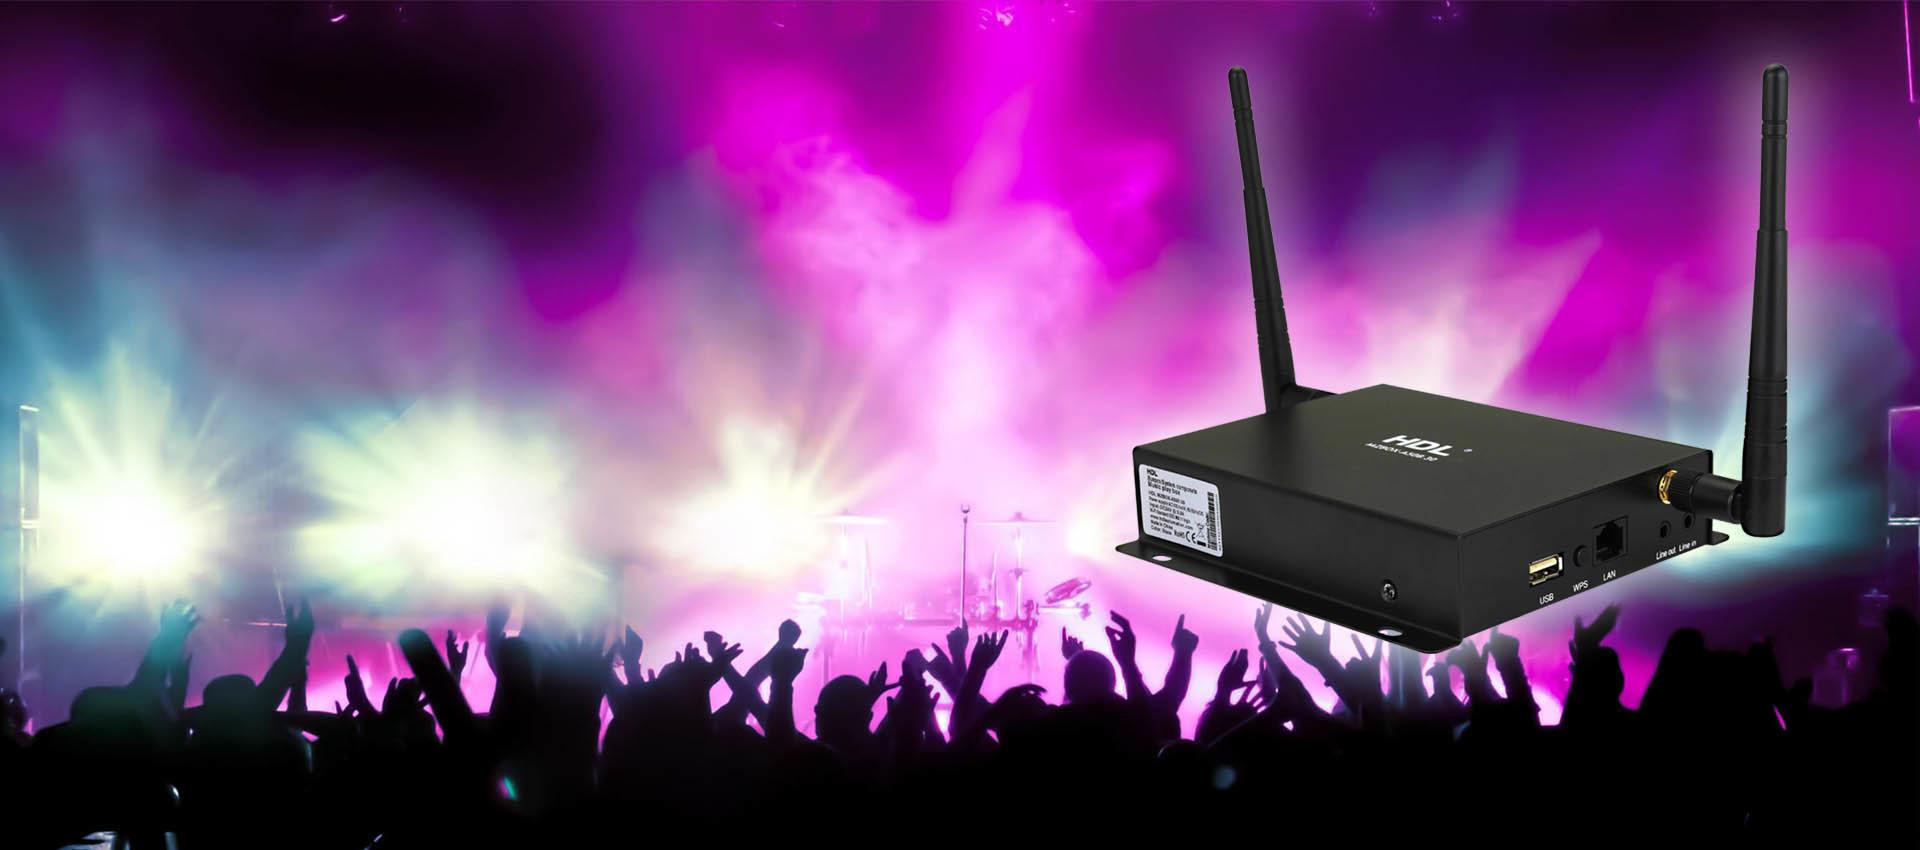 موزیک پلیر هوشمند HDL | خانه هوشمند HDL | دستگاه HDL HomePlay